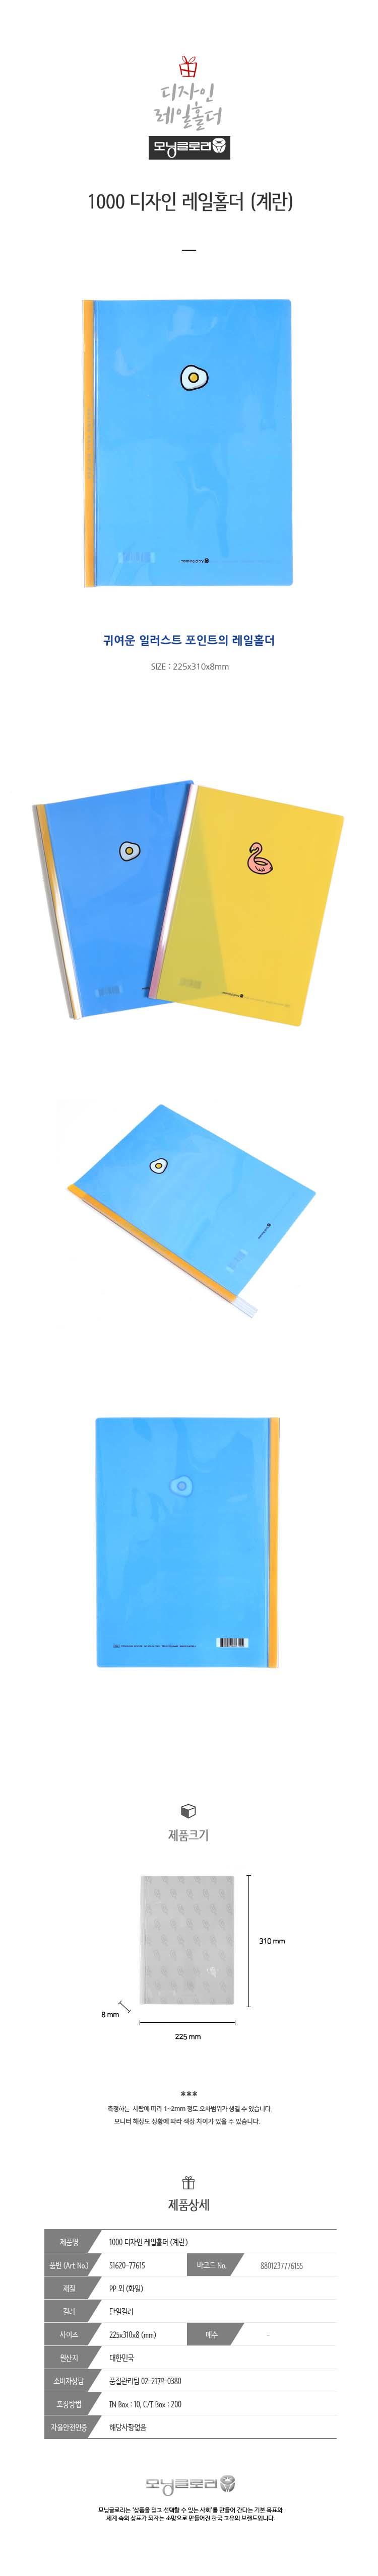 1000 디자인 레일홀더(계란) - 모닝글로리, 800원, 파일/클립보드, 클리어화일